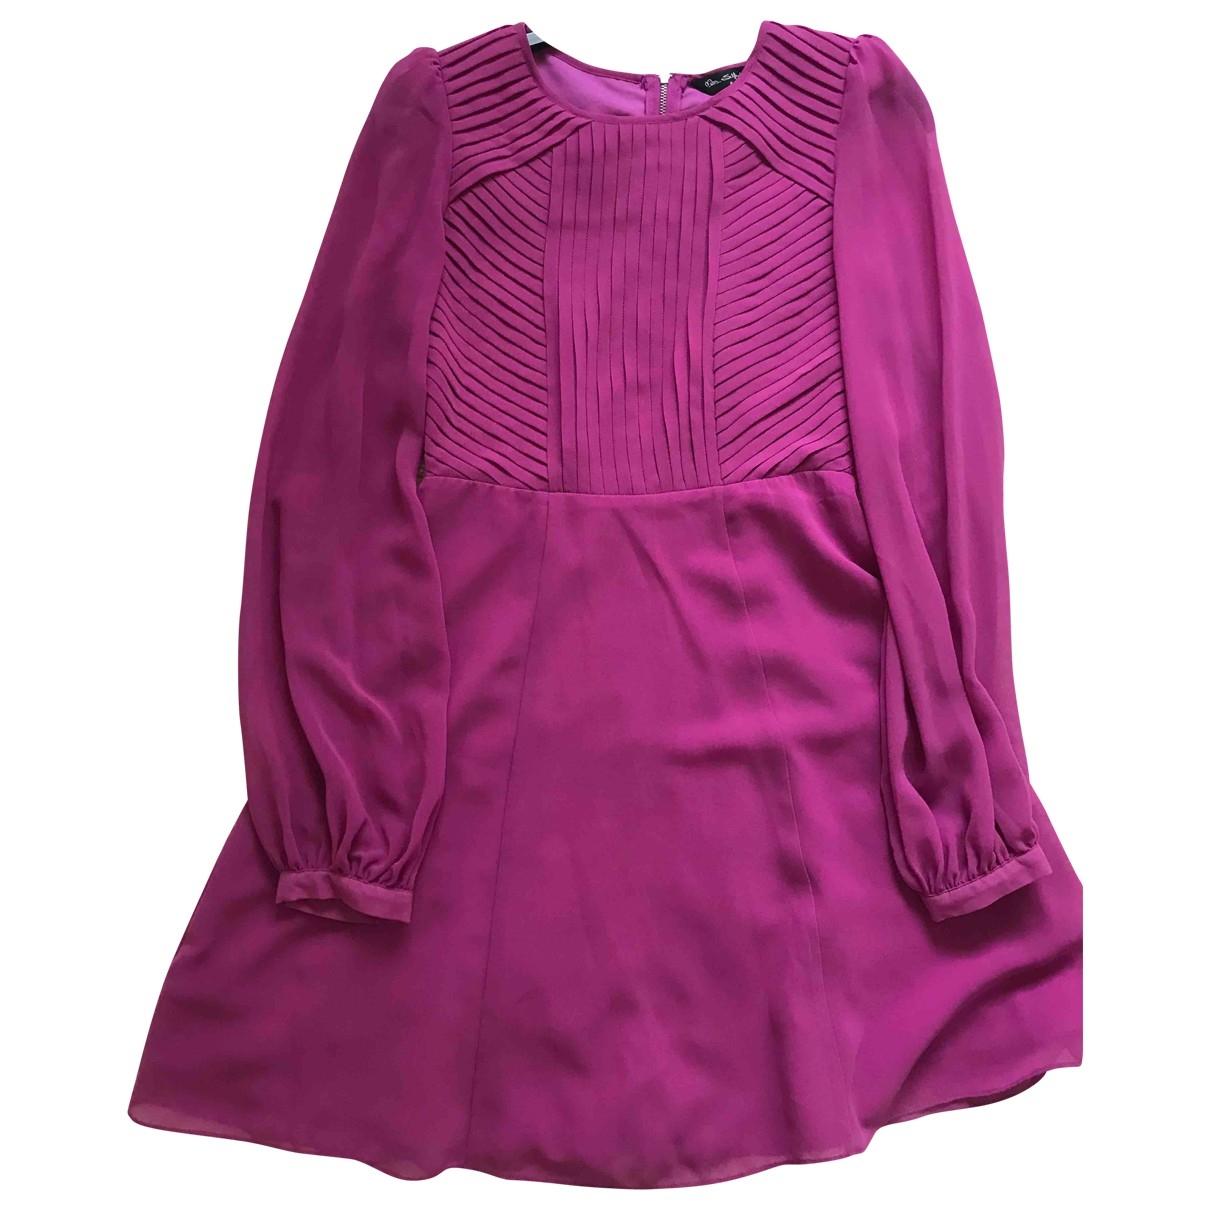 Miss Selfridge \N Kleid in  Lila Polyester